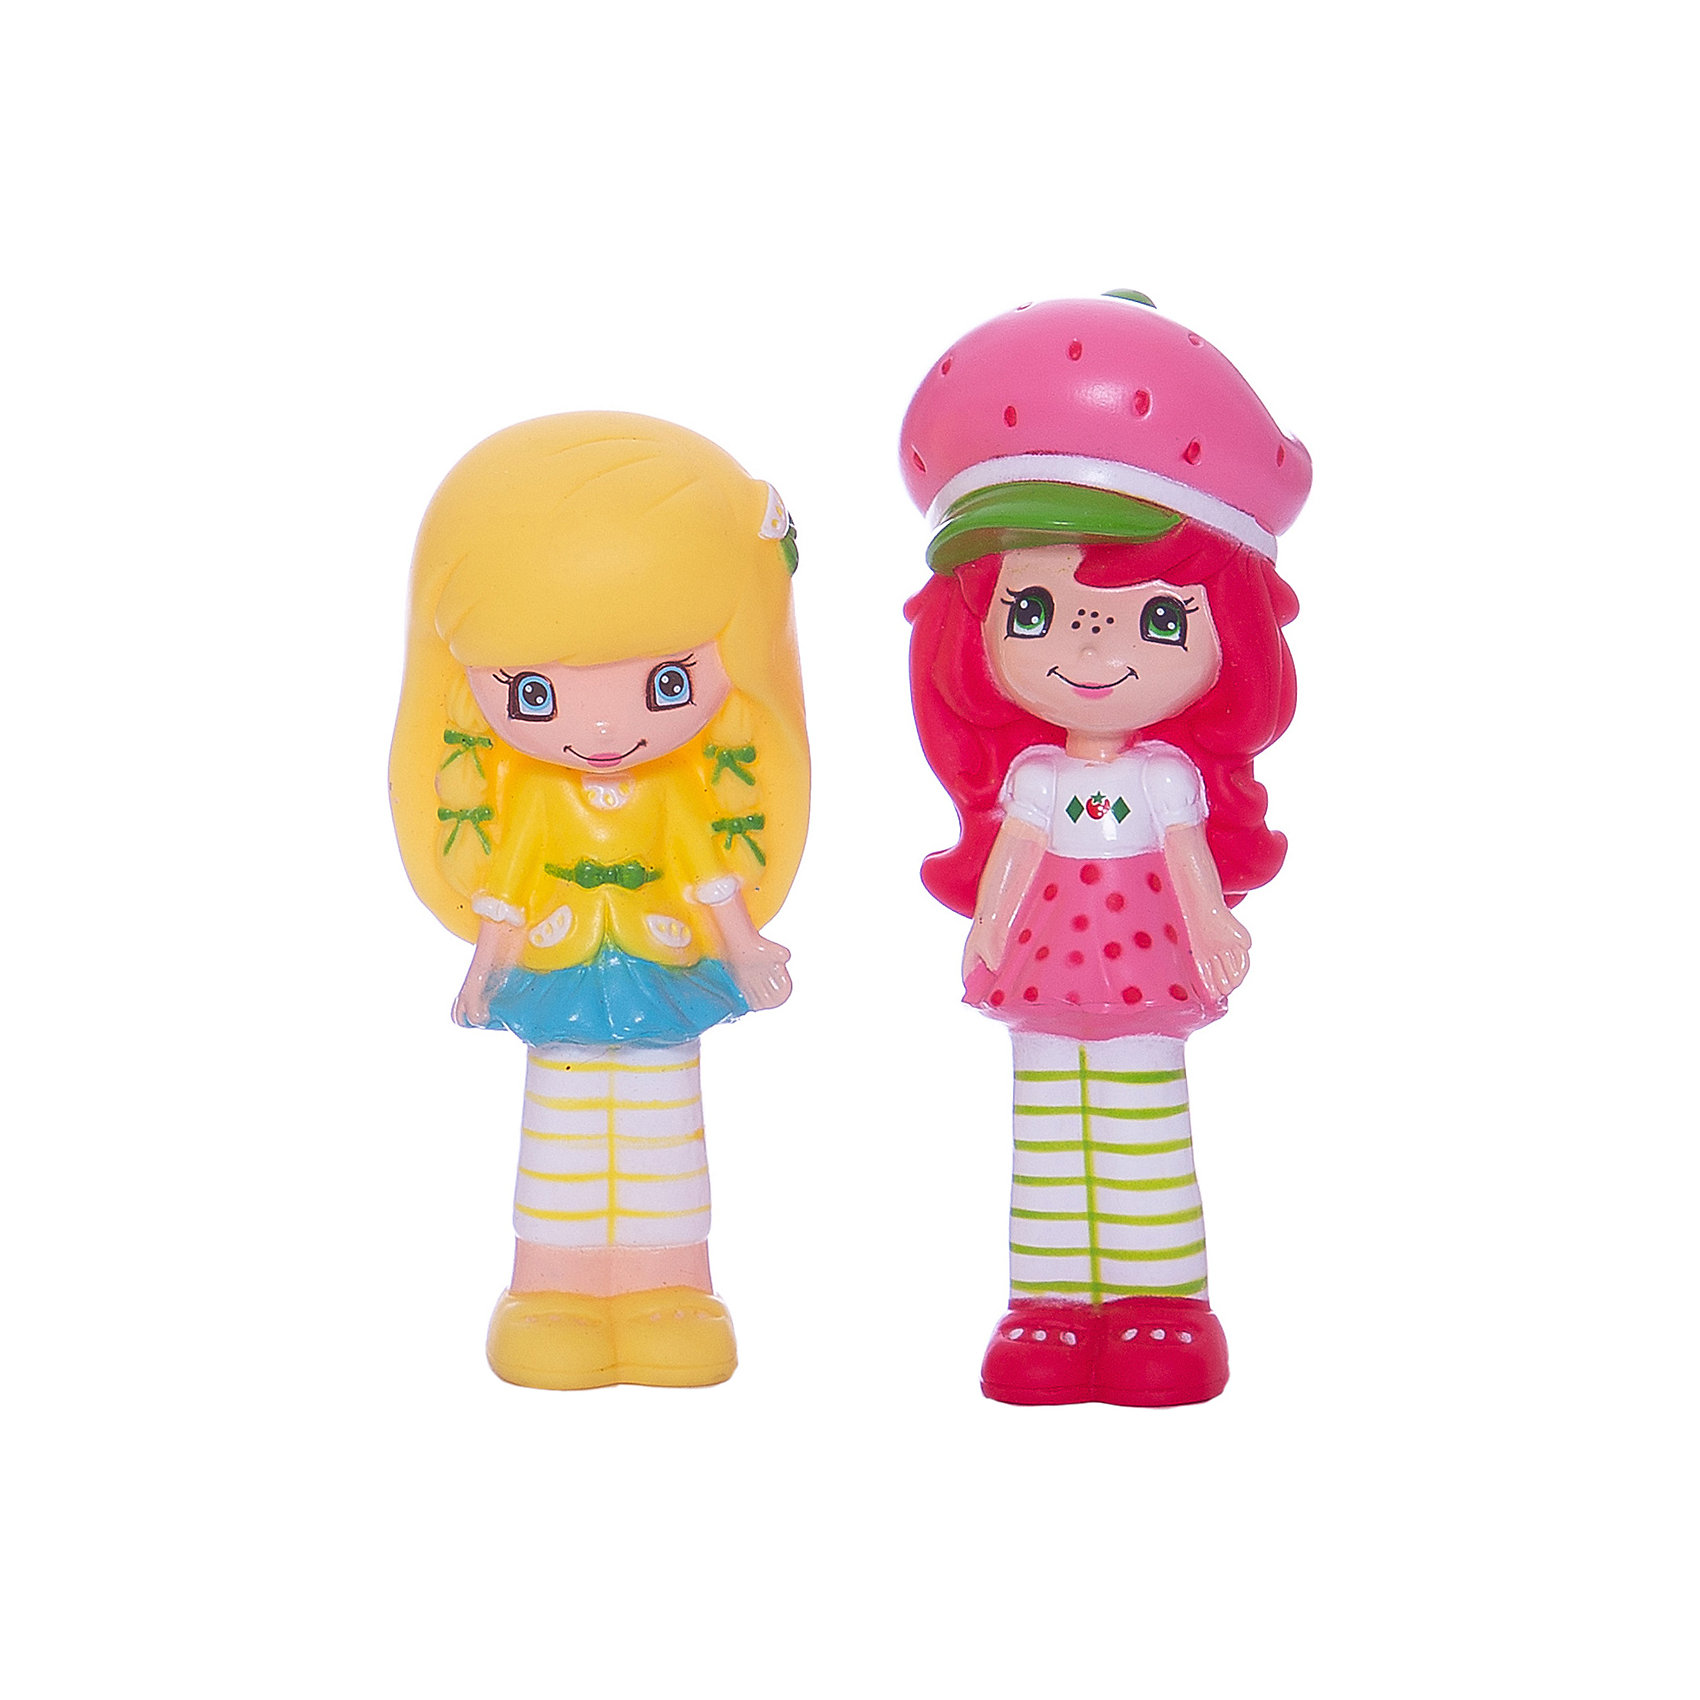 Набор из 2-х игрушек для купания Земляничка в сеткеКто из малышей не любит плескаться в ванне?! Сделать купание веселее помогут специальные куклы для купания. Этот набор обязательно порадует ребенка! Такие игрушки помогают детям развивать воображение, мелкую моторику, логику и творческое мышление.<br>Игрушки абсолютно безопасны для ребенка, сделаны из качественных материалов, легко моются. В них можно набирать воду и брызгаться струёй воды. В наборе - две игрушки. <br><br>Дополнительная информация:<br><br>цвет: разноцветный;<br>размер коробки: 5 х 19 х 100 см;<br>вес: 70 г;<br>материал: ПВХ;<br>комплектация: две игрушки.<br><br>Набор из 2-х игрушек для купания Земляничка в сетке, можно купить в нашем магазине.<br><br>Ширина мм: 50<br>Глубина мм: 190<br>Высота мм: 100<br>Вес г: 70<br>Возраст от месяцев: 6<br>Возраст до месяцев: 48<br>Пол: Женский<br>Возраст: Детский<br>SKU: 4913605